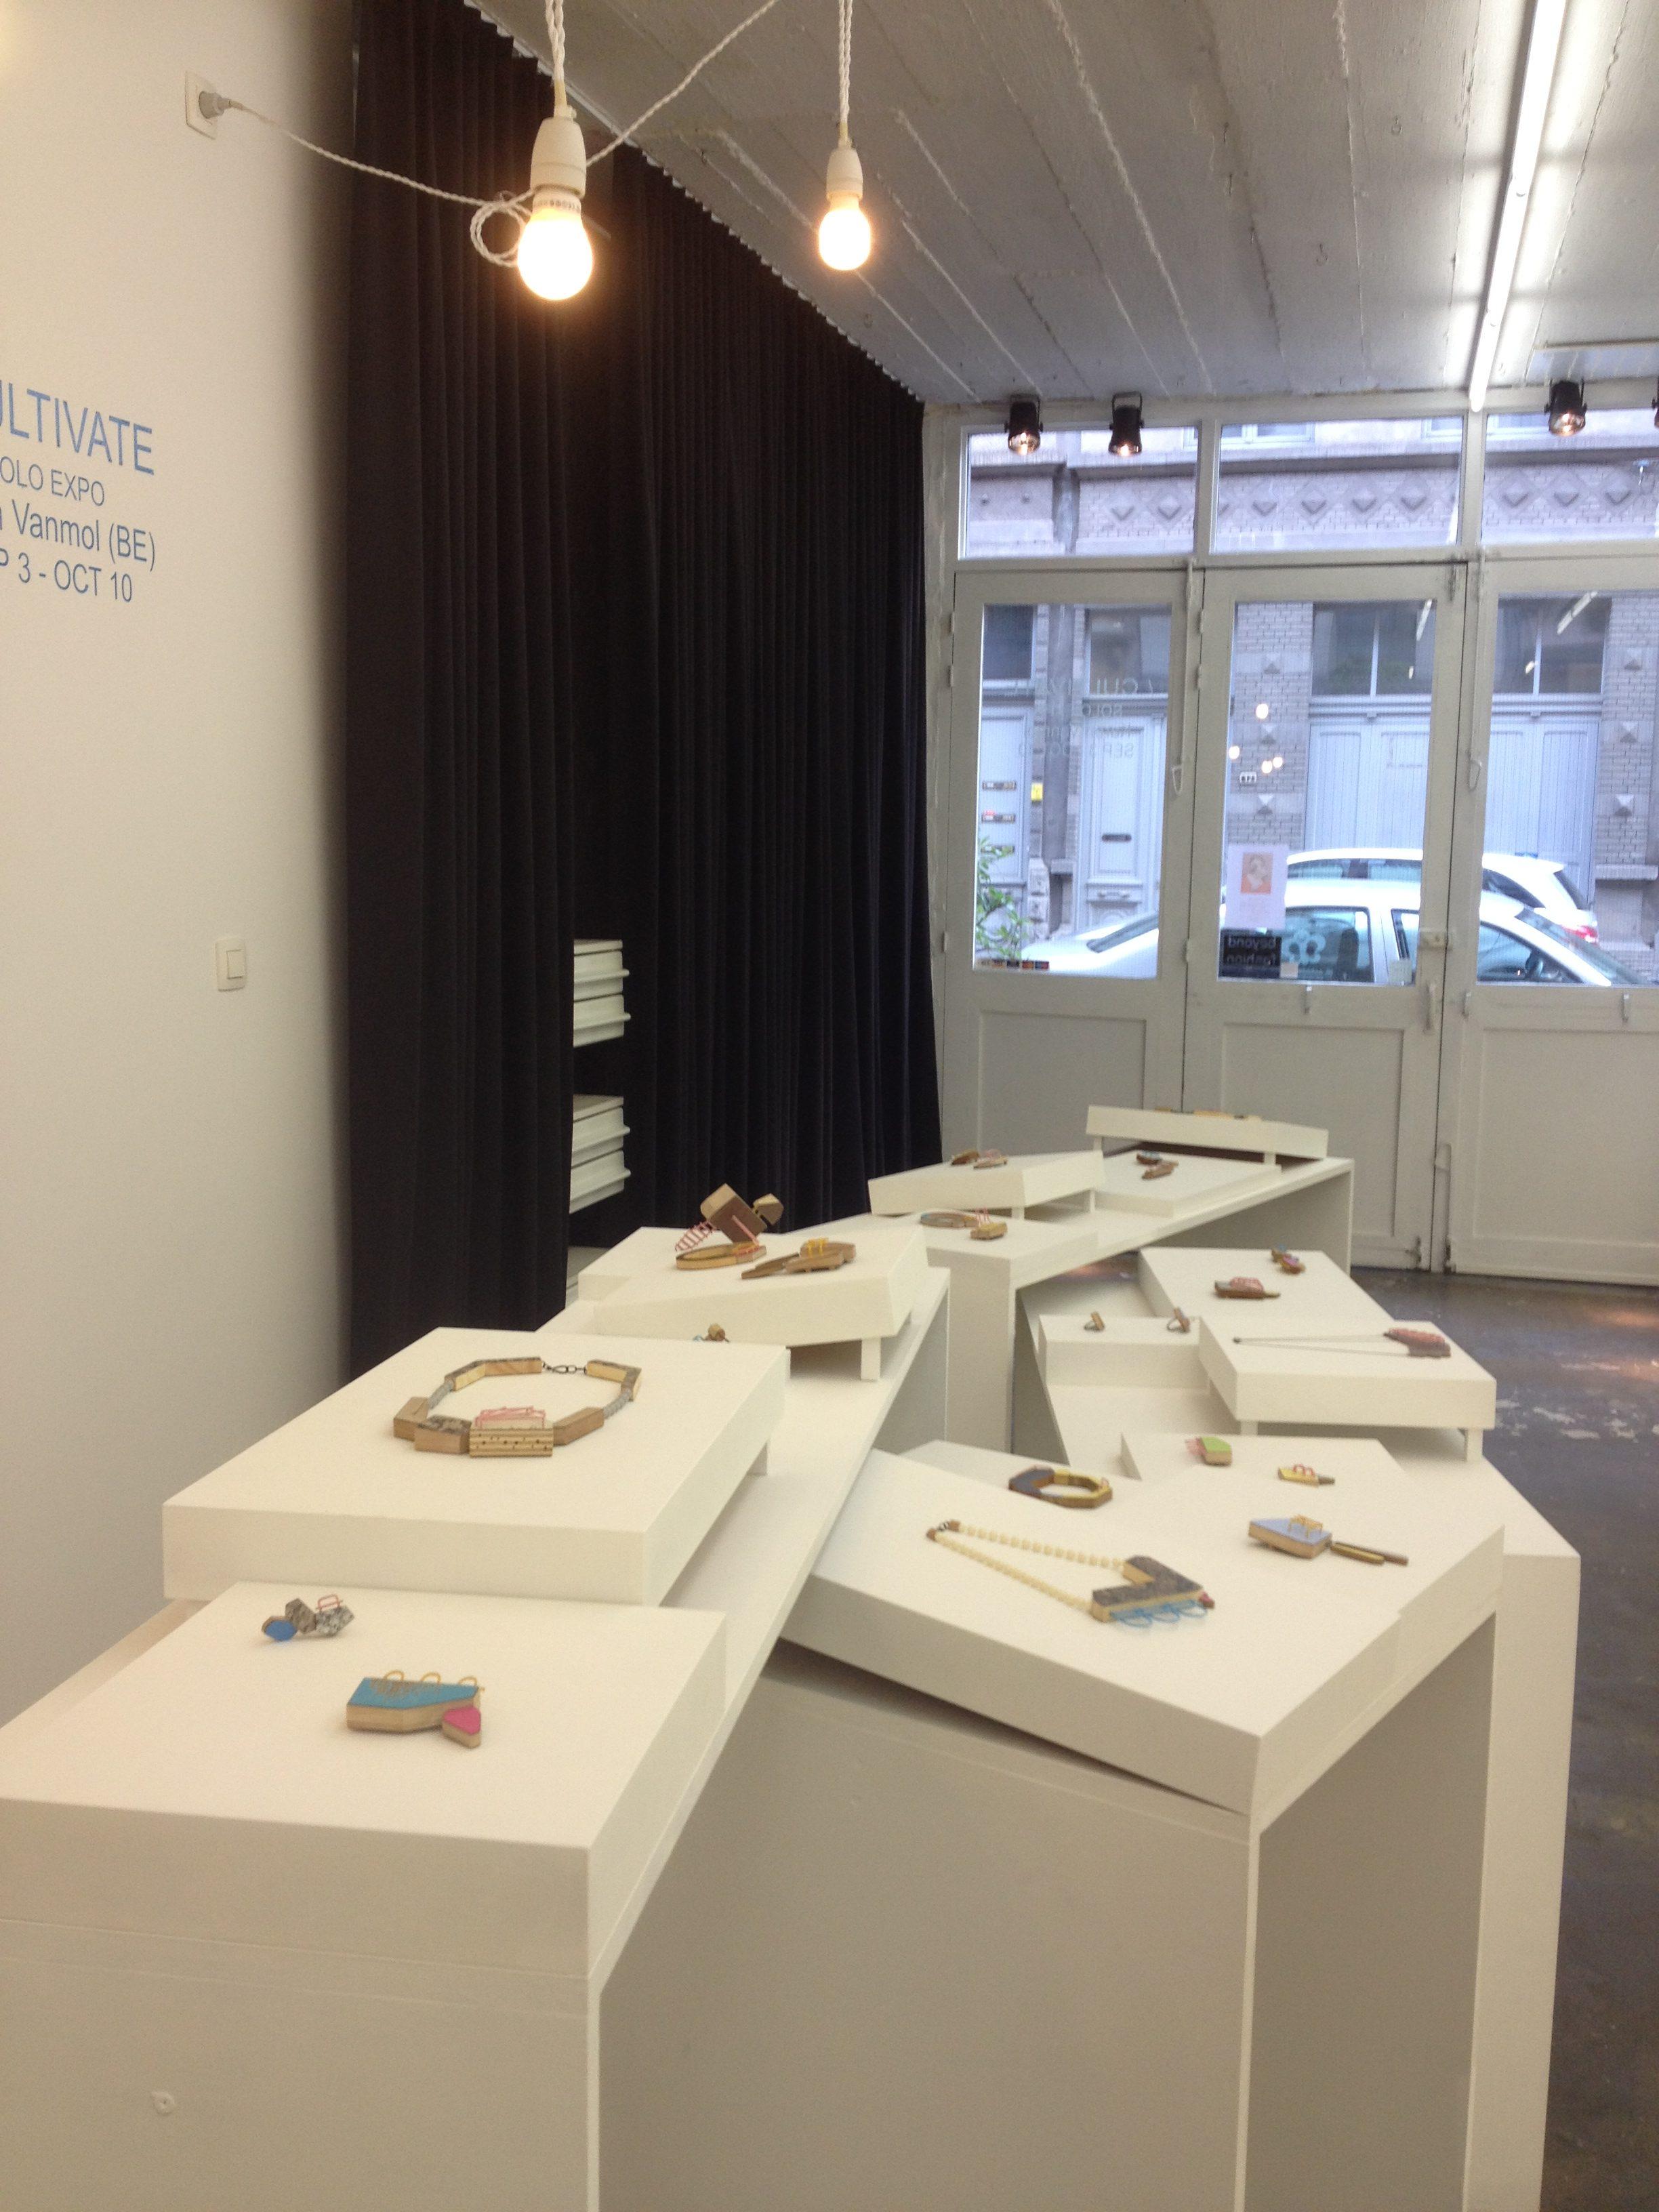 Karen Vanmol in Beyond Fashion, tentoonstelling, galerie, interieur, halssieraden, broches